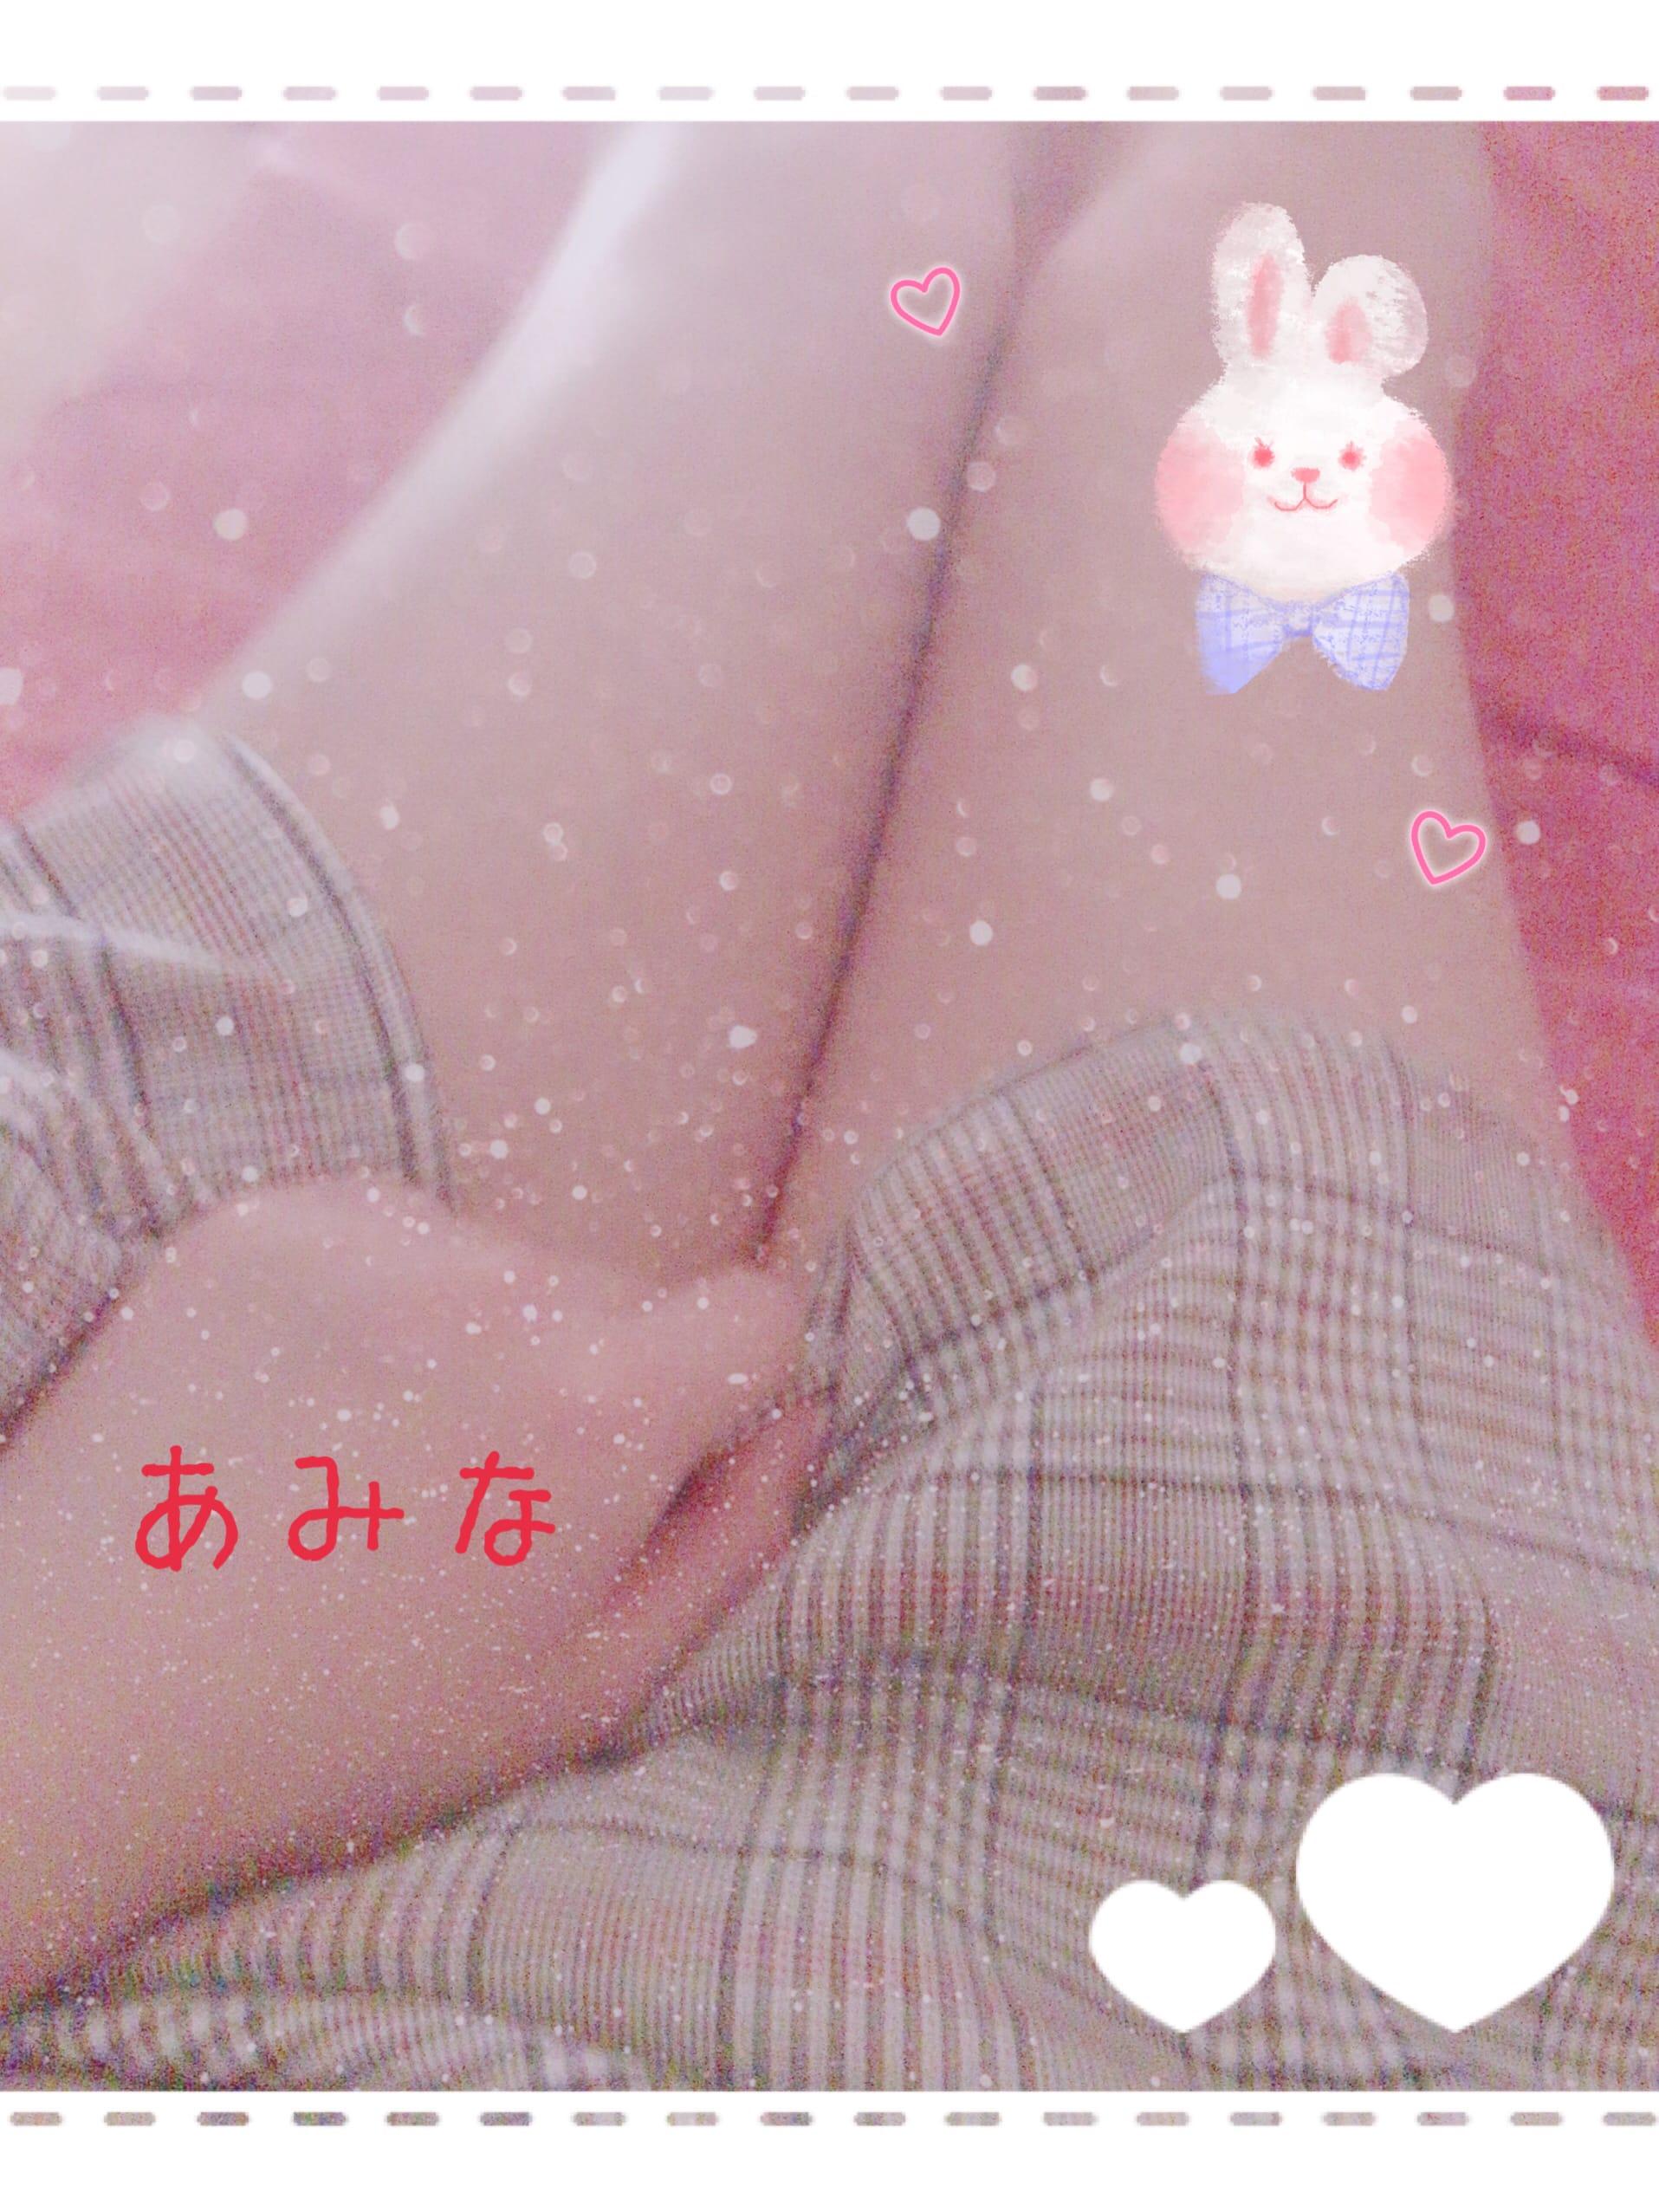 「金曜日ですねぇ♪」04/27(金) 12:17 | あみなの写メ・風俗動画